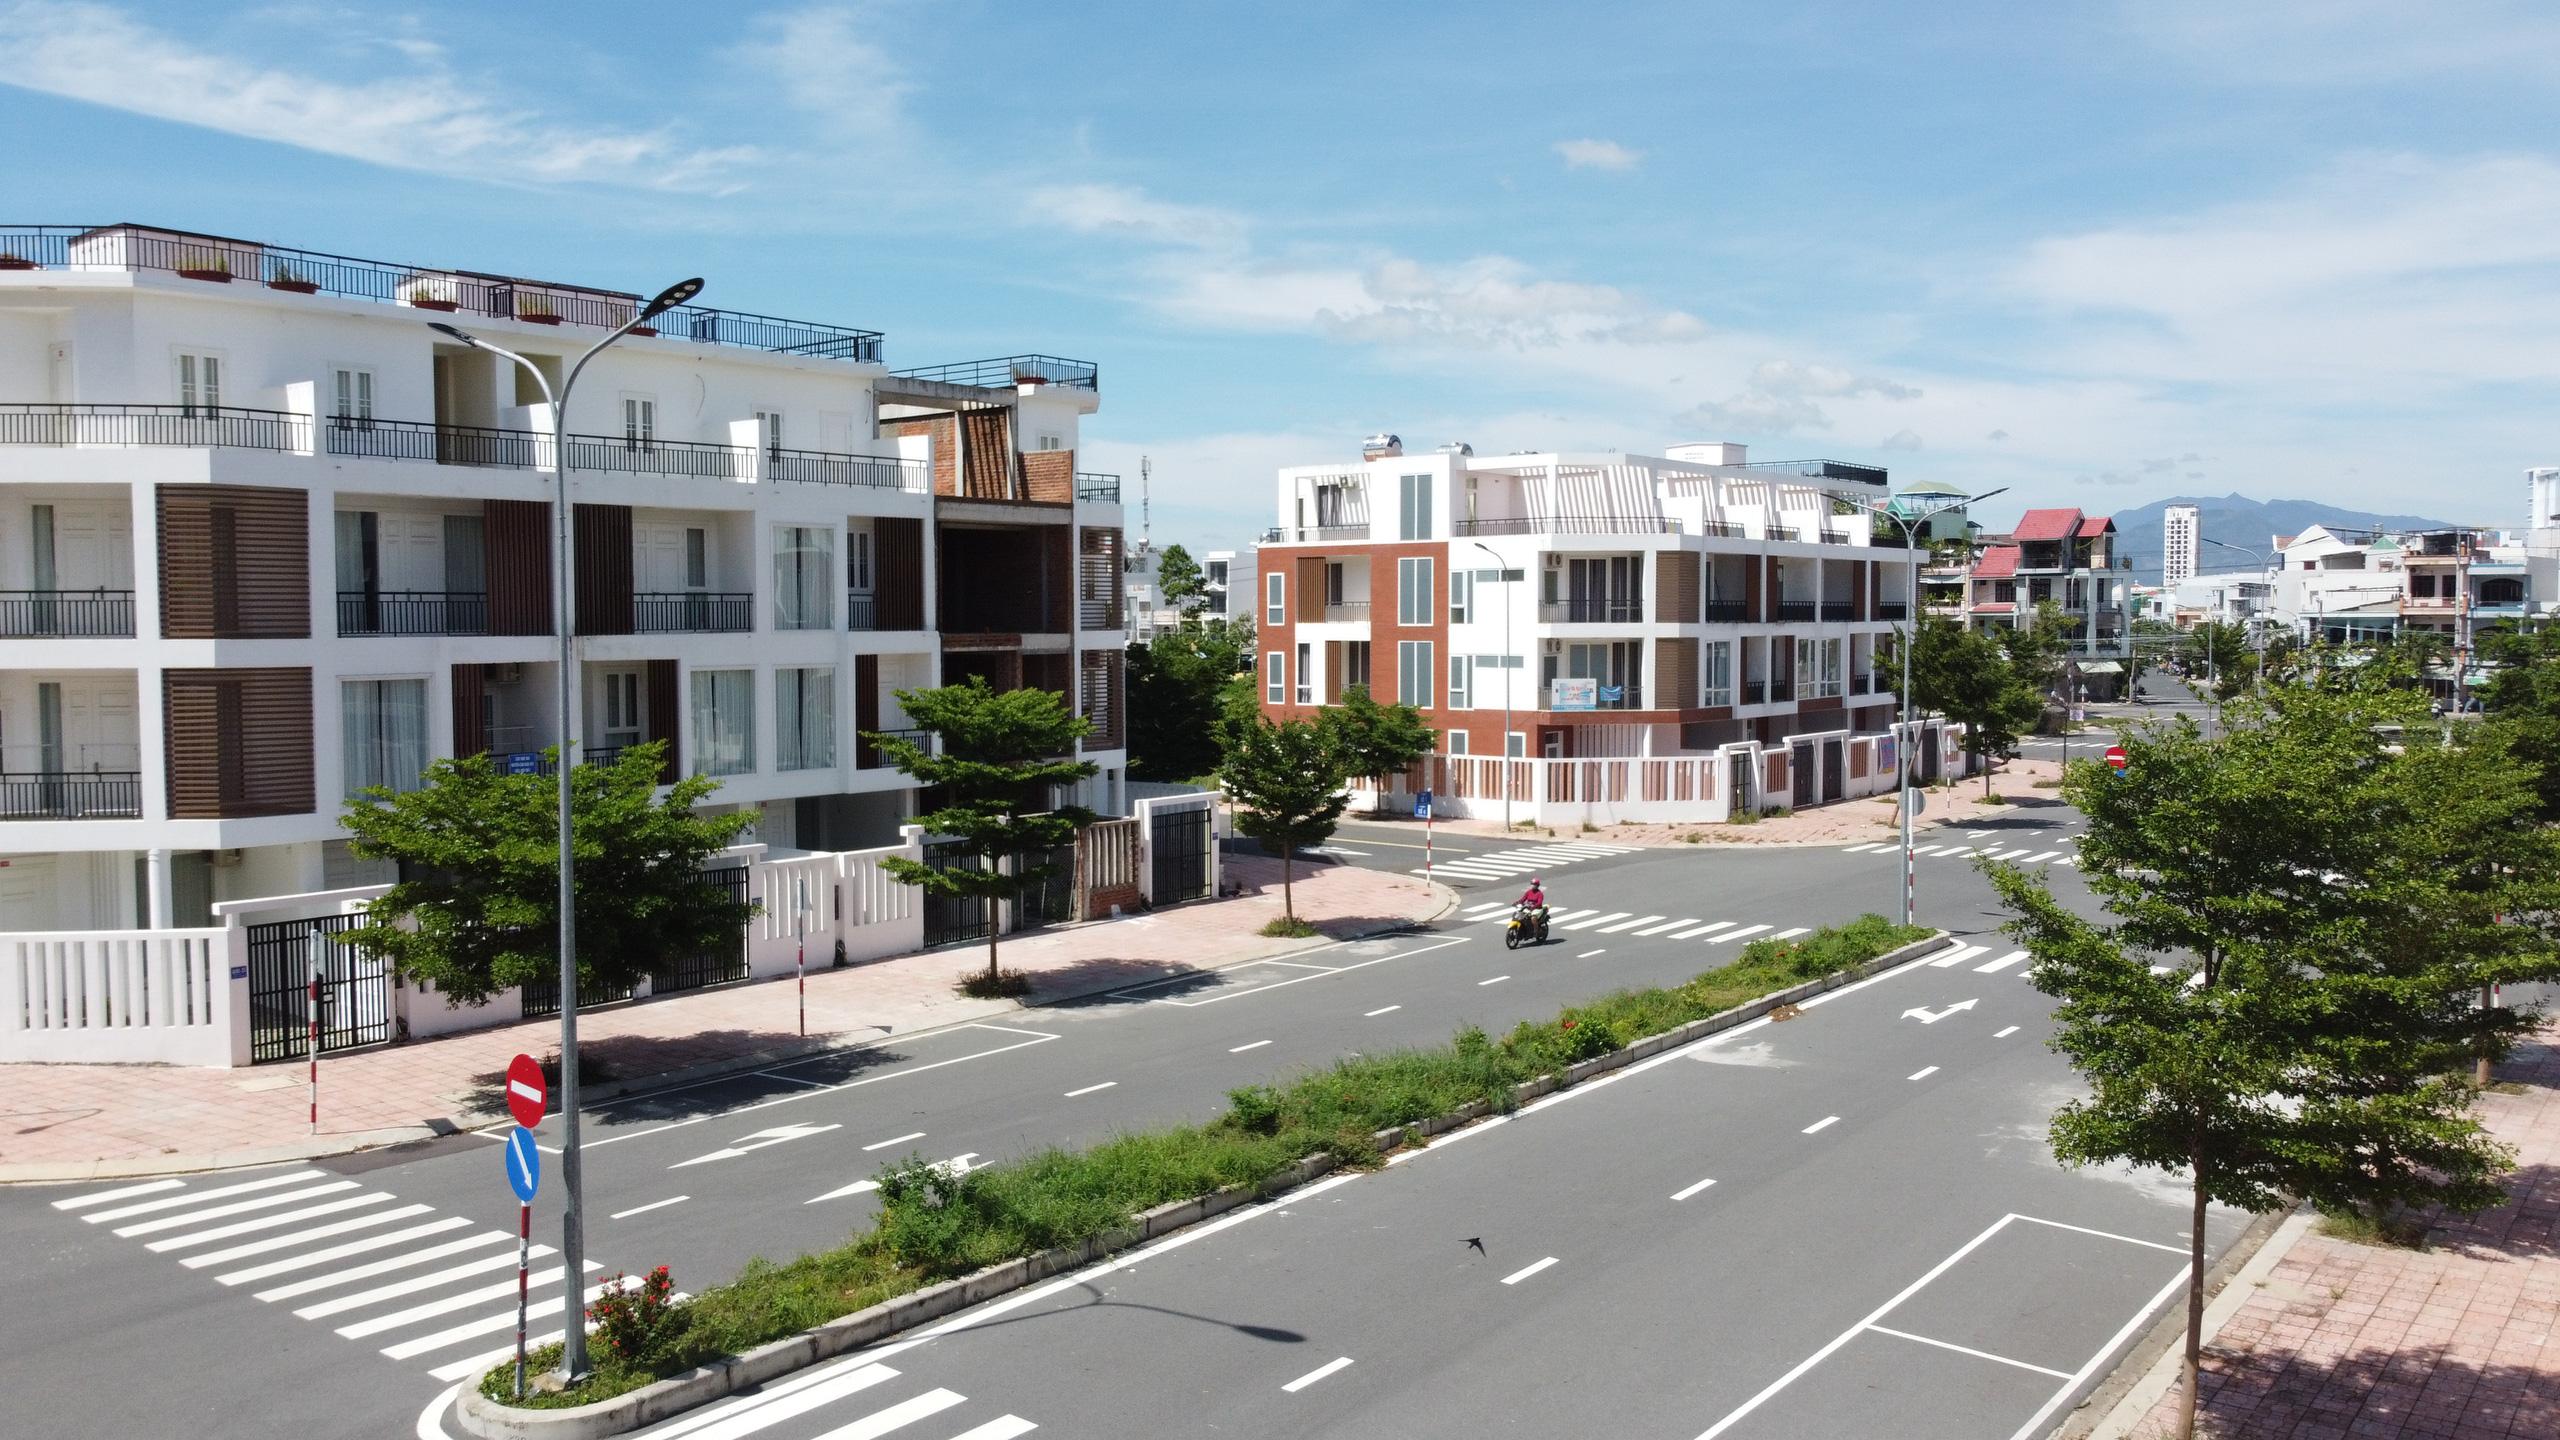 Hàng loạt căn hộ bỏ hoang, vắng chủ tại KĐT Mipeco - Nha Trang - Ảnh 4.